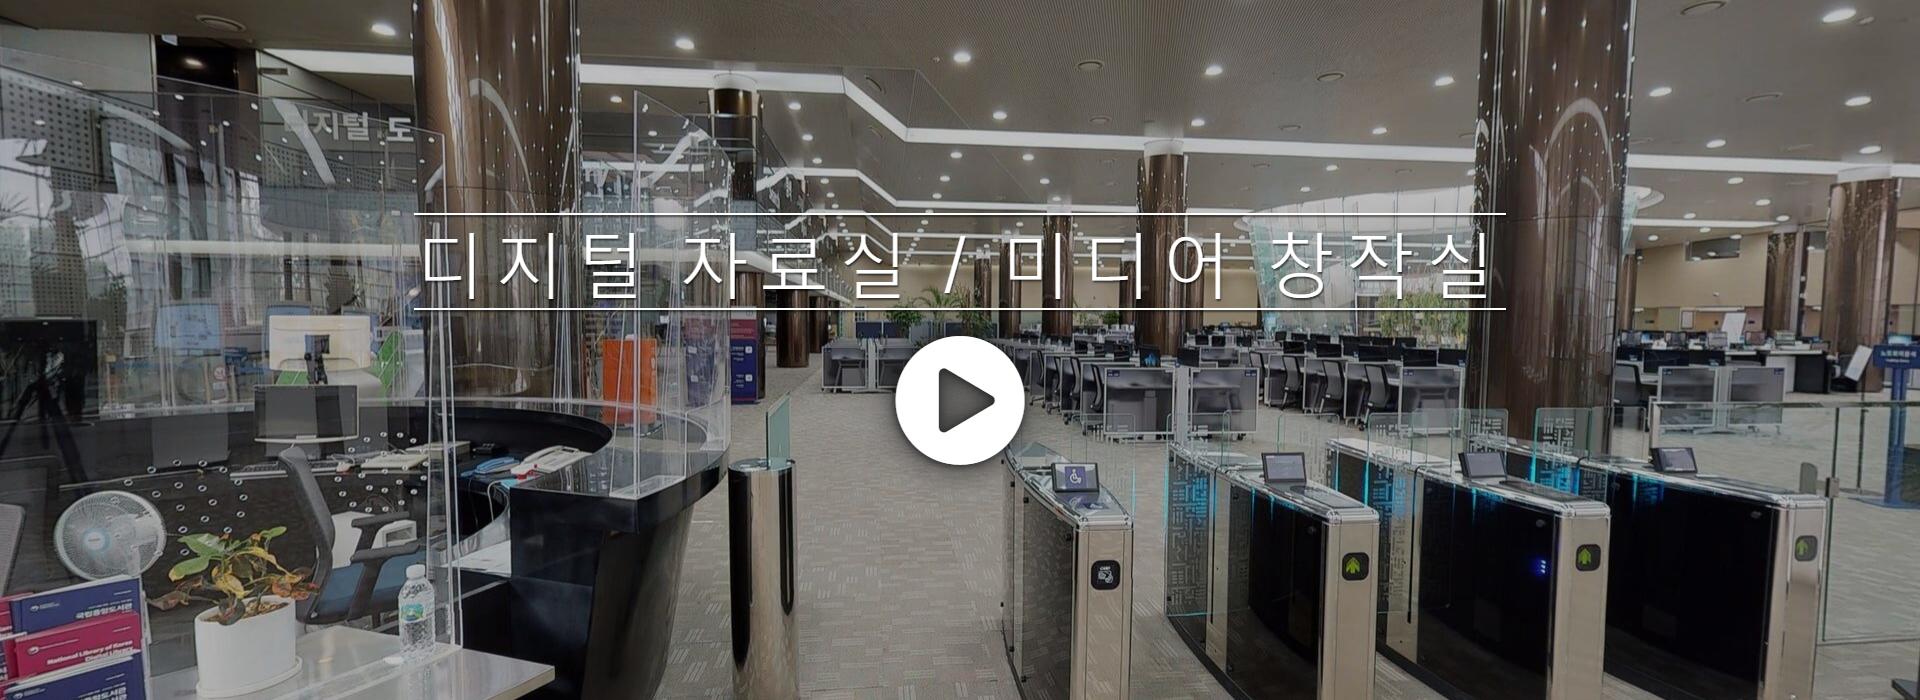 국립중앙도서관 온라인견학 3D VR B2층 디지털 자료실, 미디어 창작실